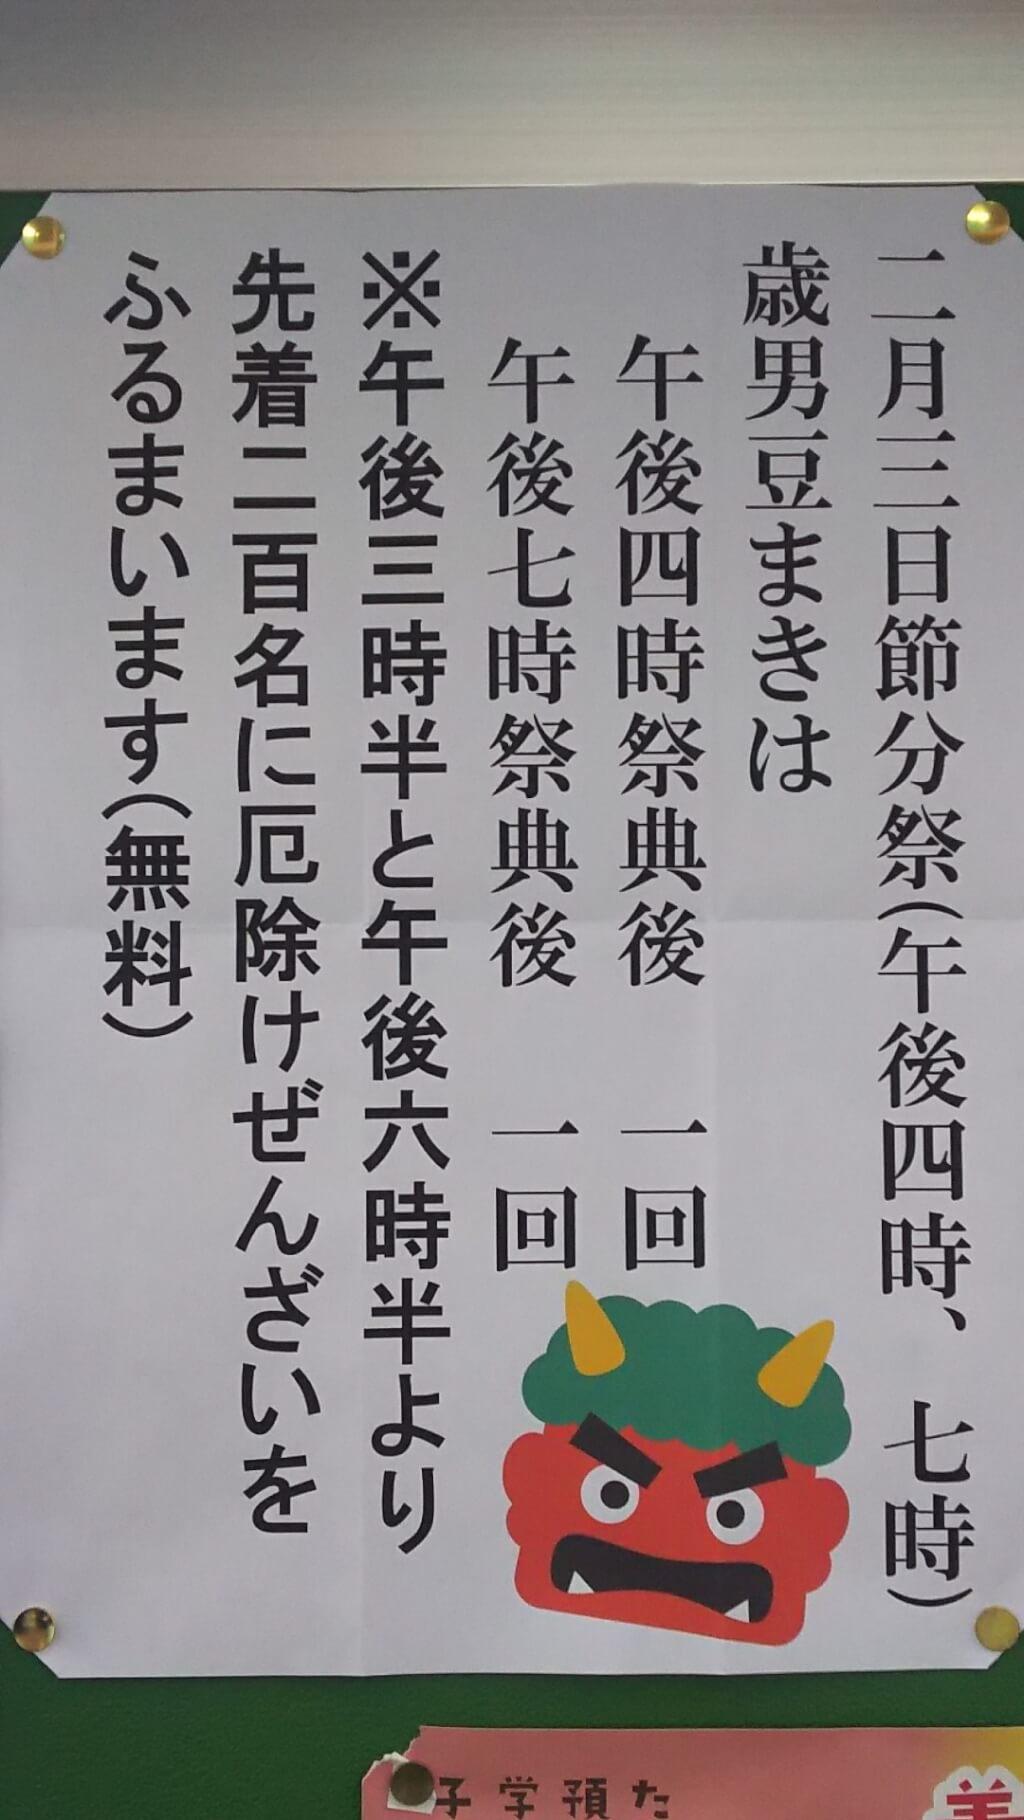 神津神社の 節分祭の お知らせ